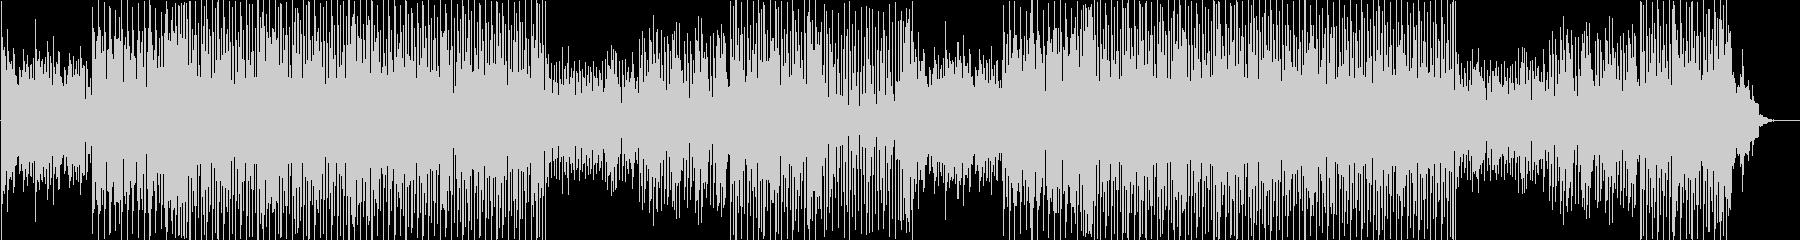 ダンサンブルなスウィングジャズの曲です。の未再生の波形